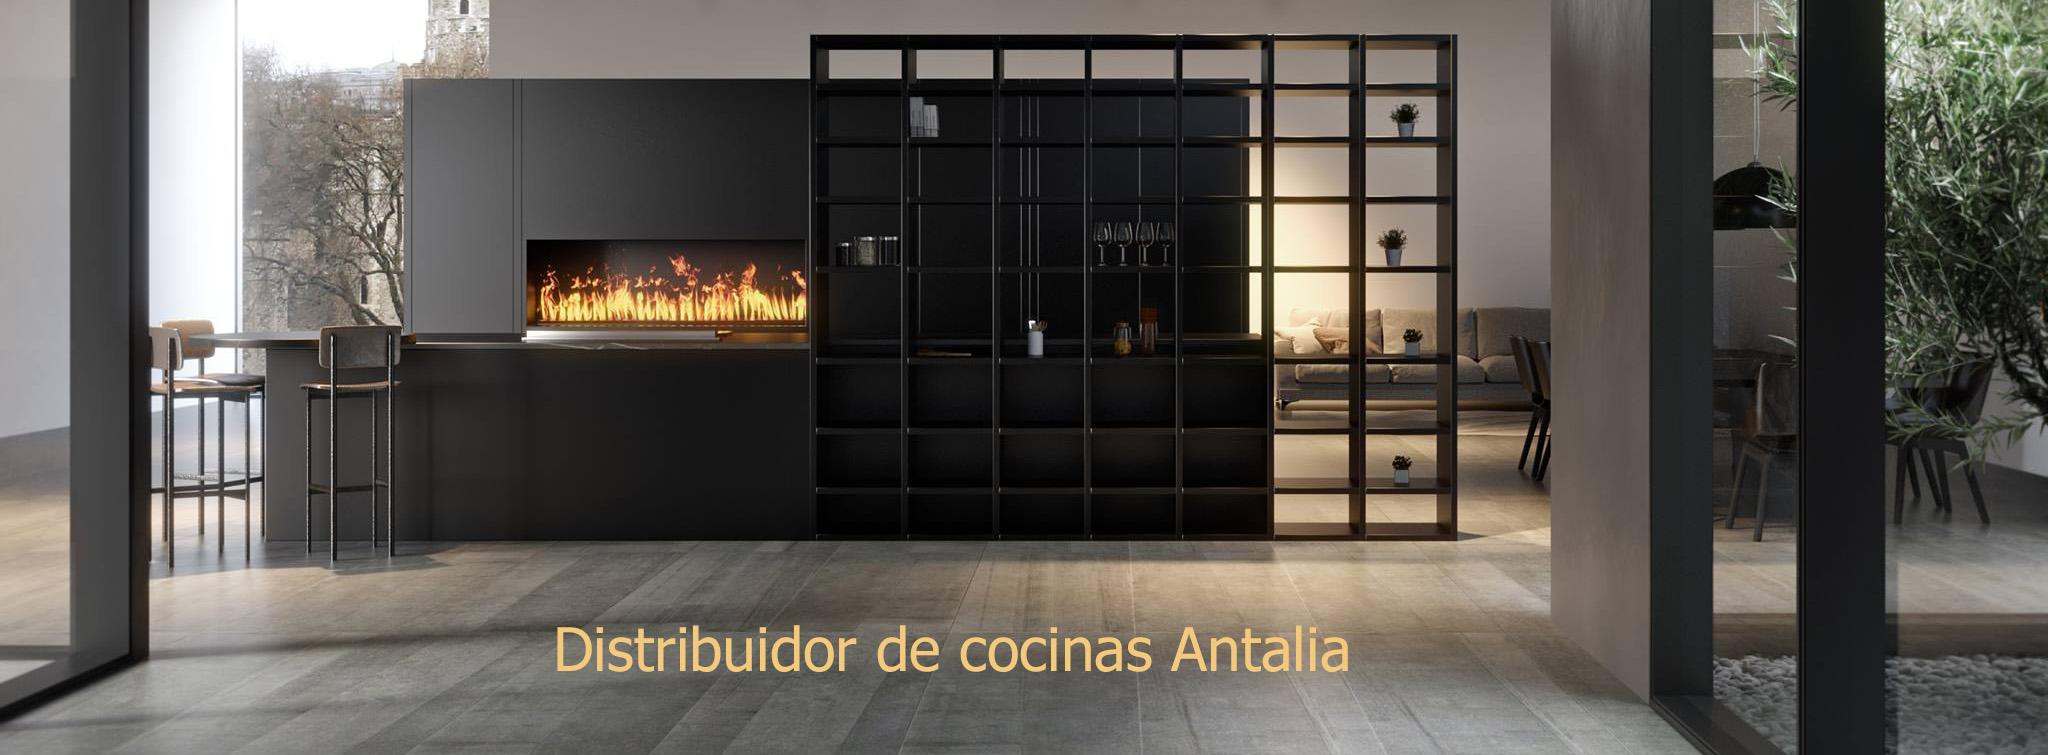 Distribuidor oficial antalia cocinas